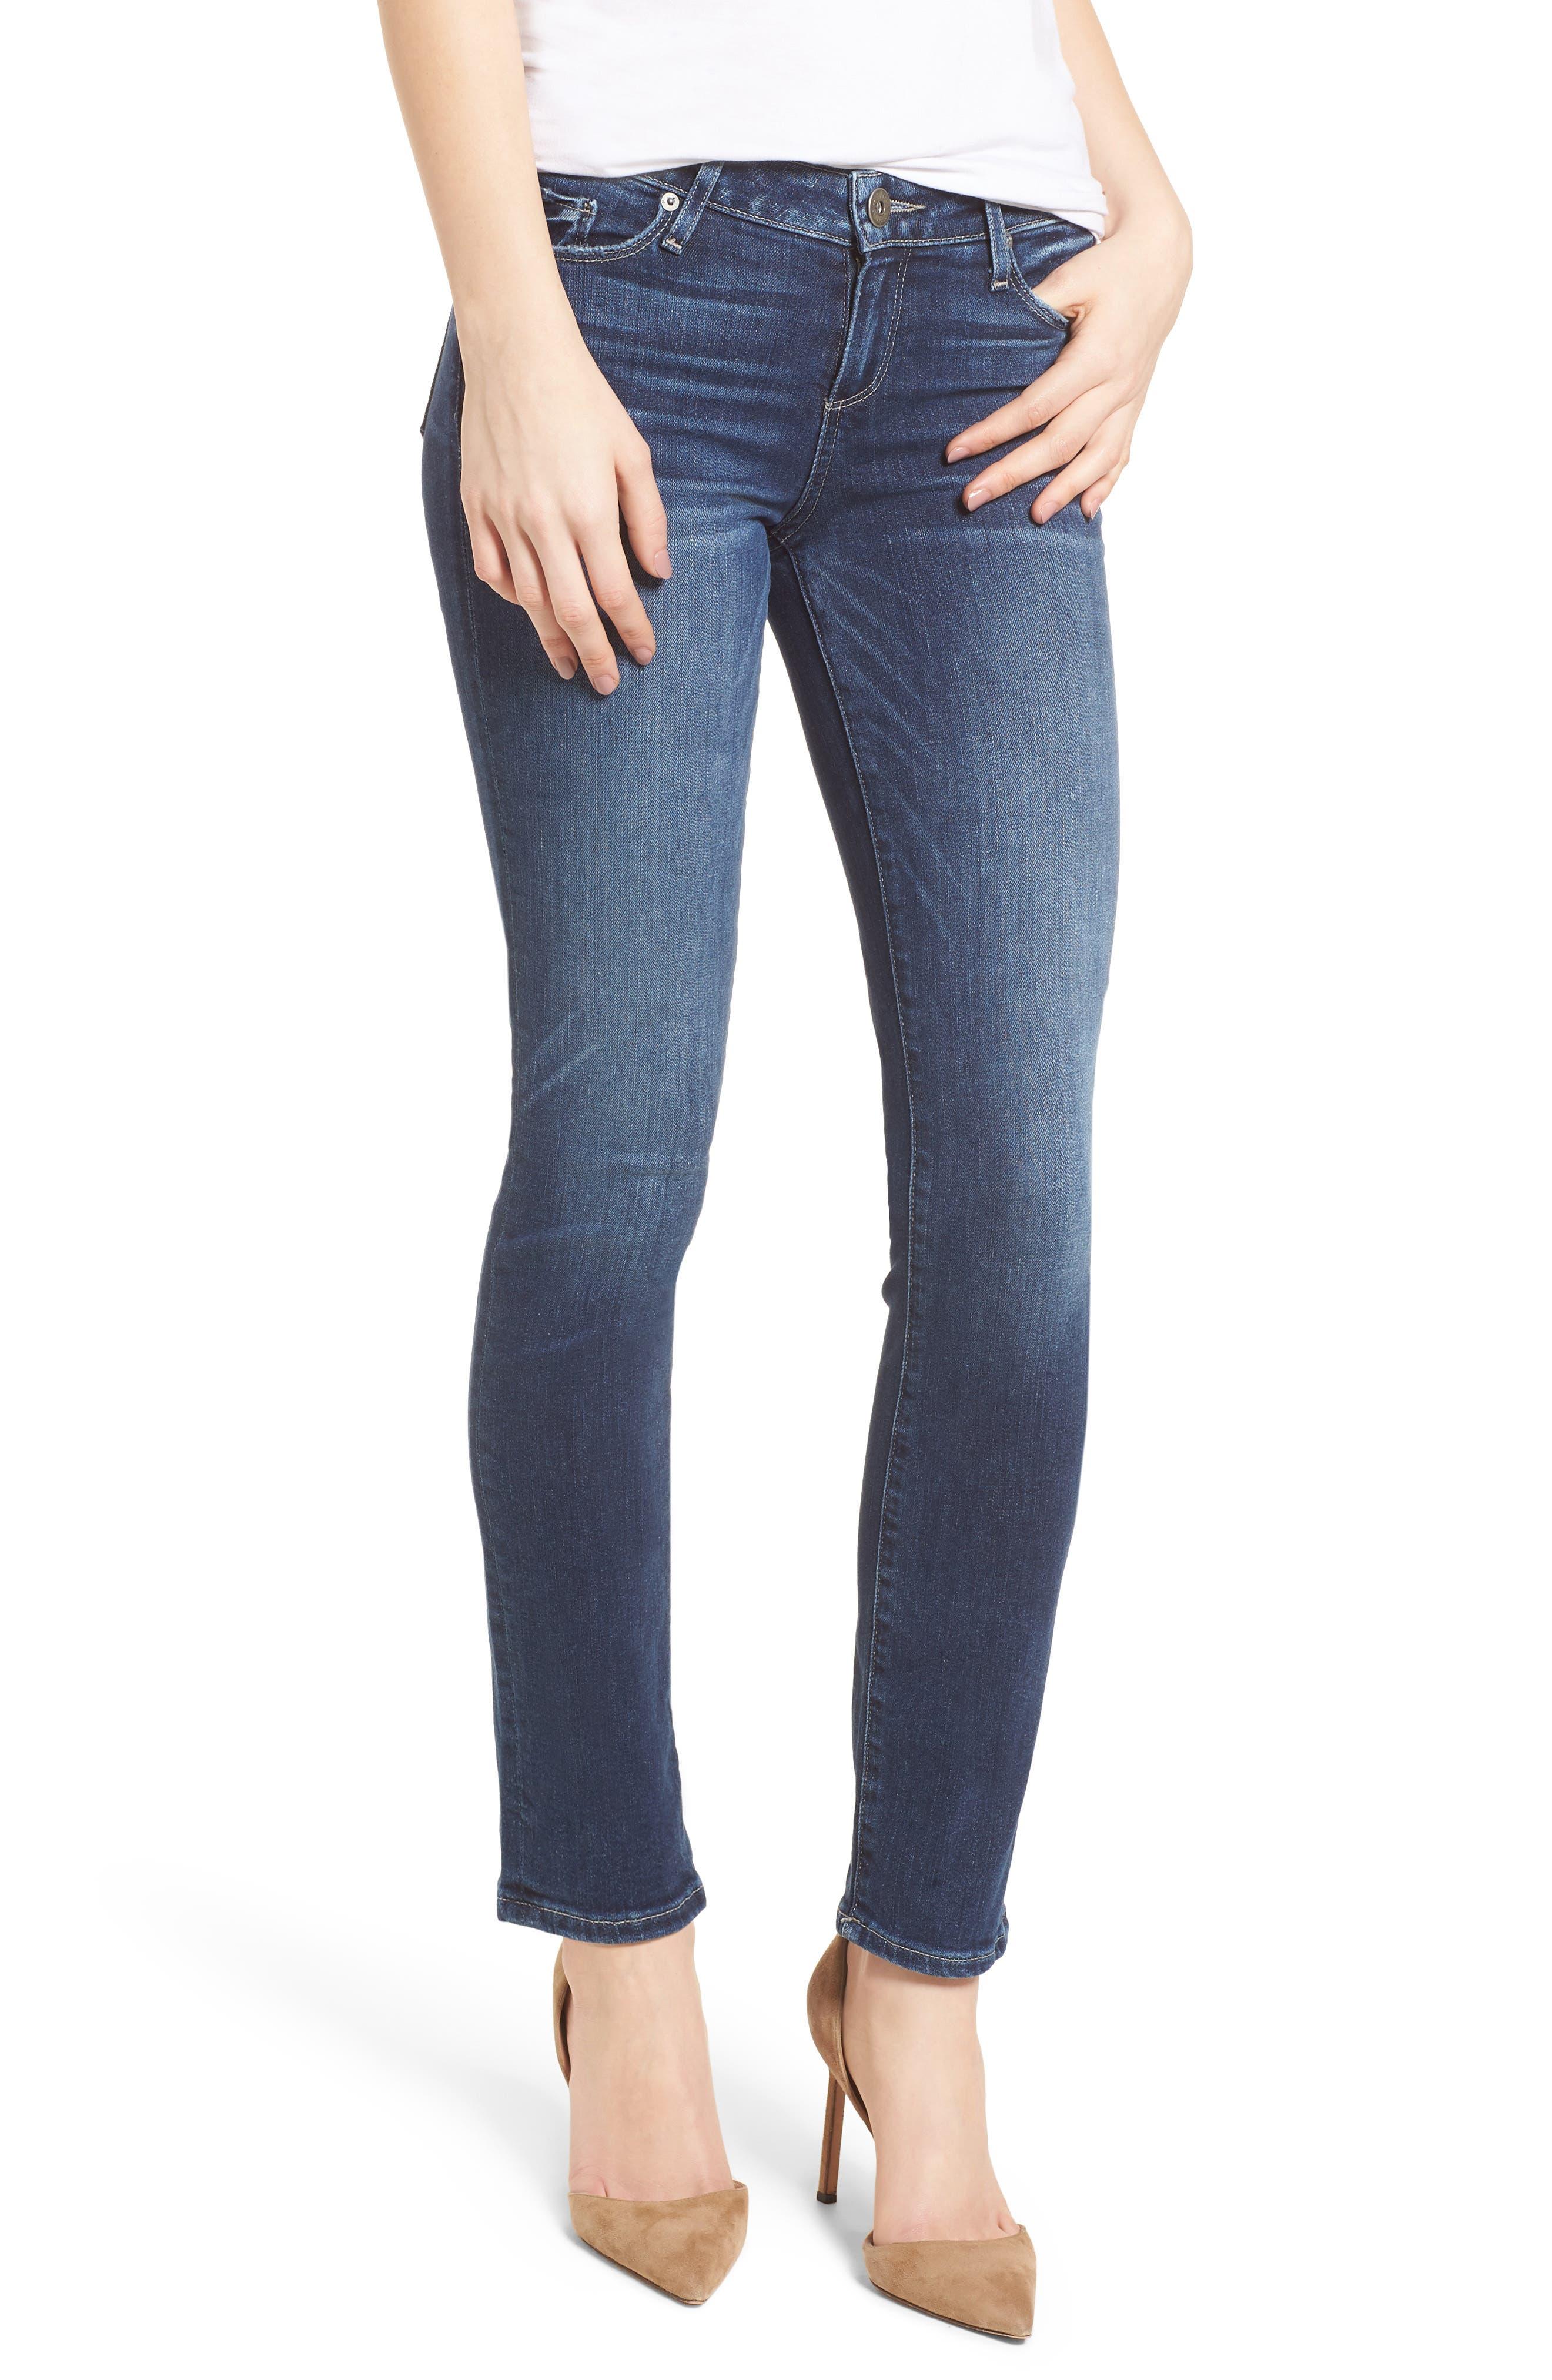 PAIGE Transcend Vintage - Skyline Skinny Jeans (Kylen)